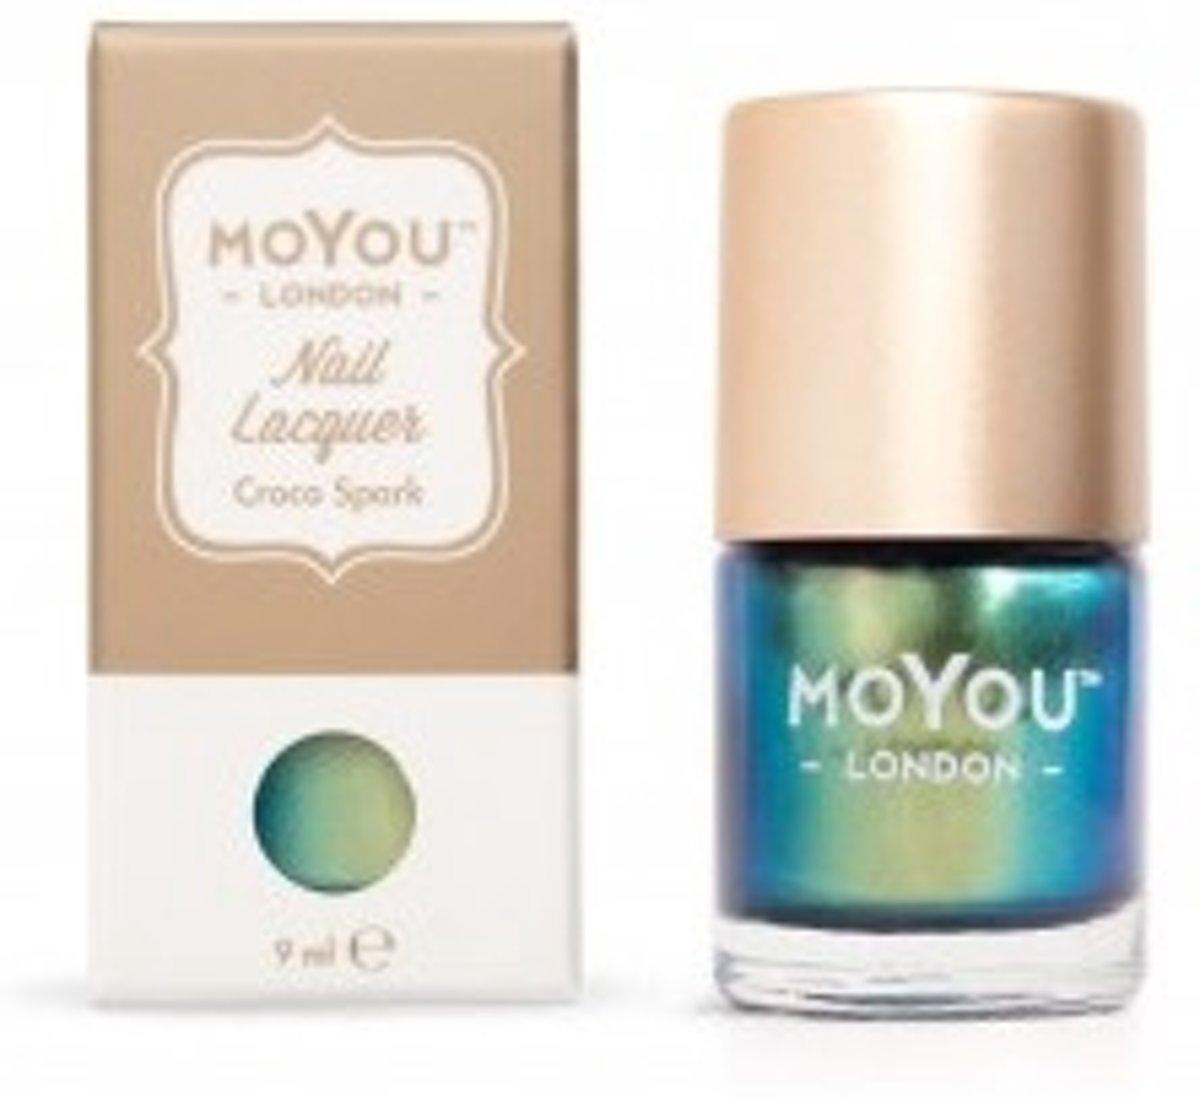 MoYou London Stempel Nagellak - Stamping Nail Polish 9ml. - Croco Spark